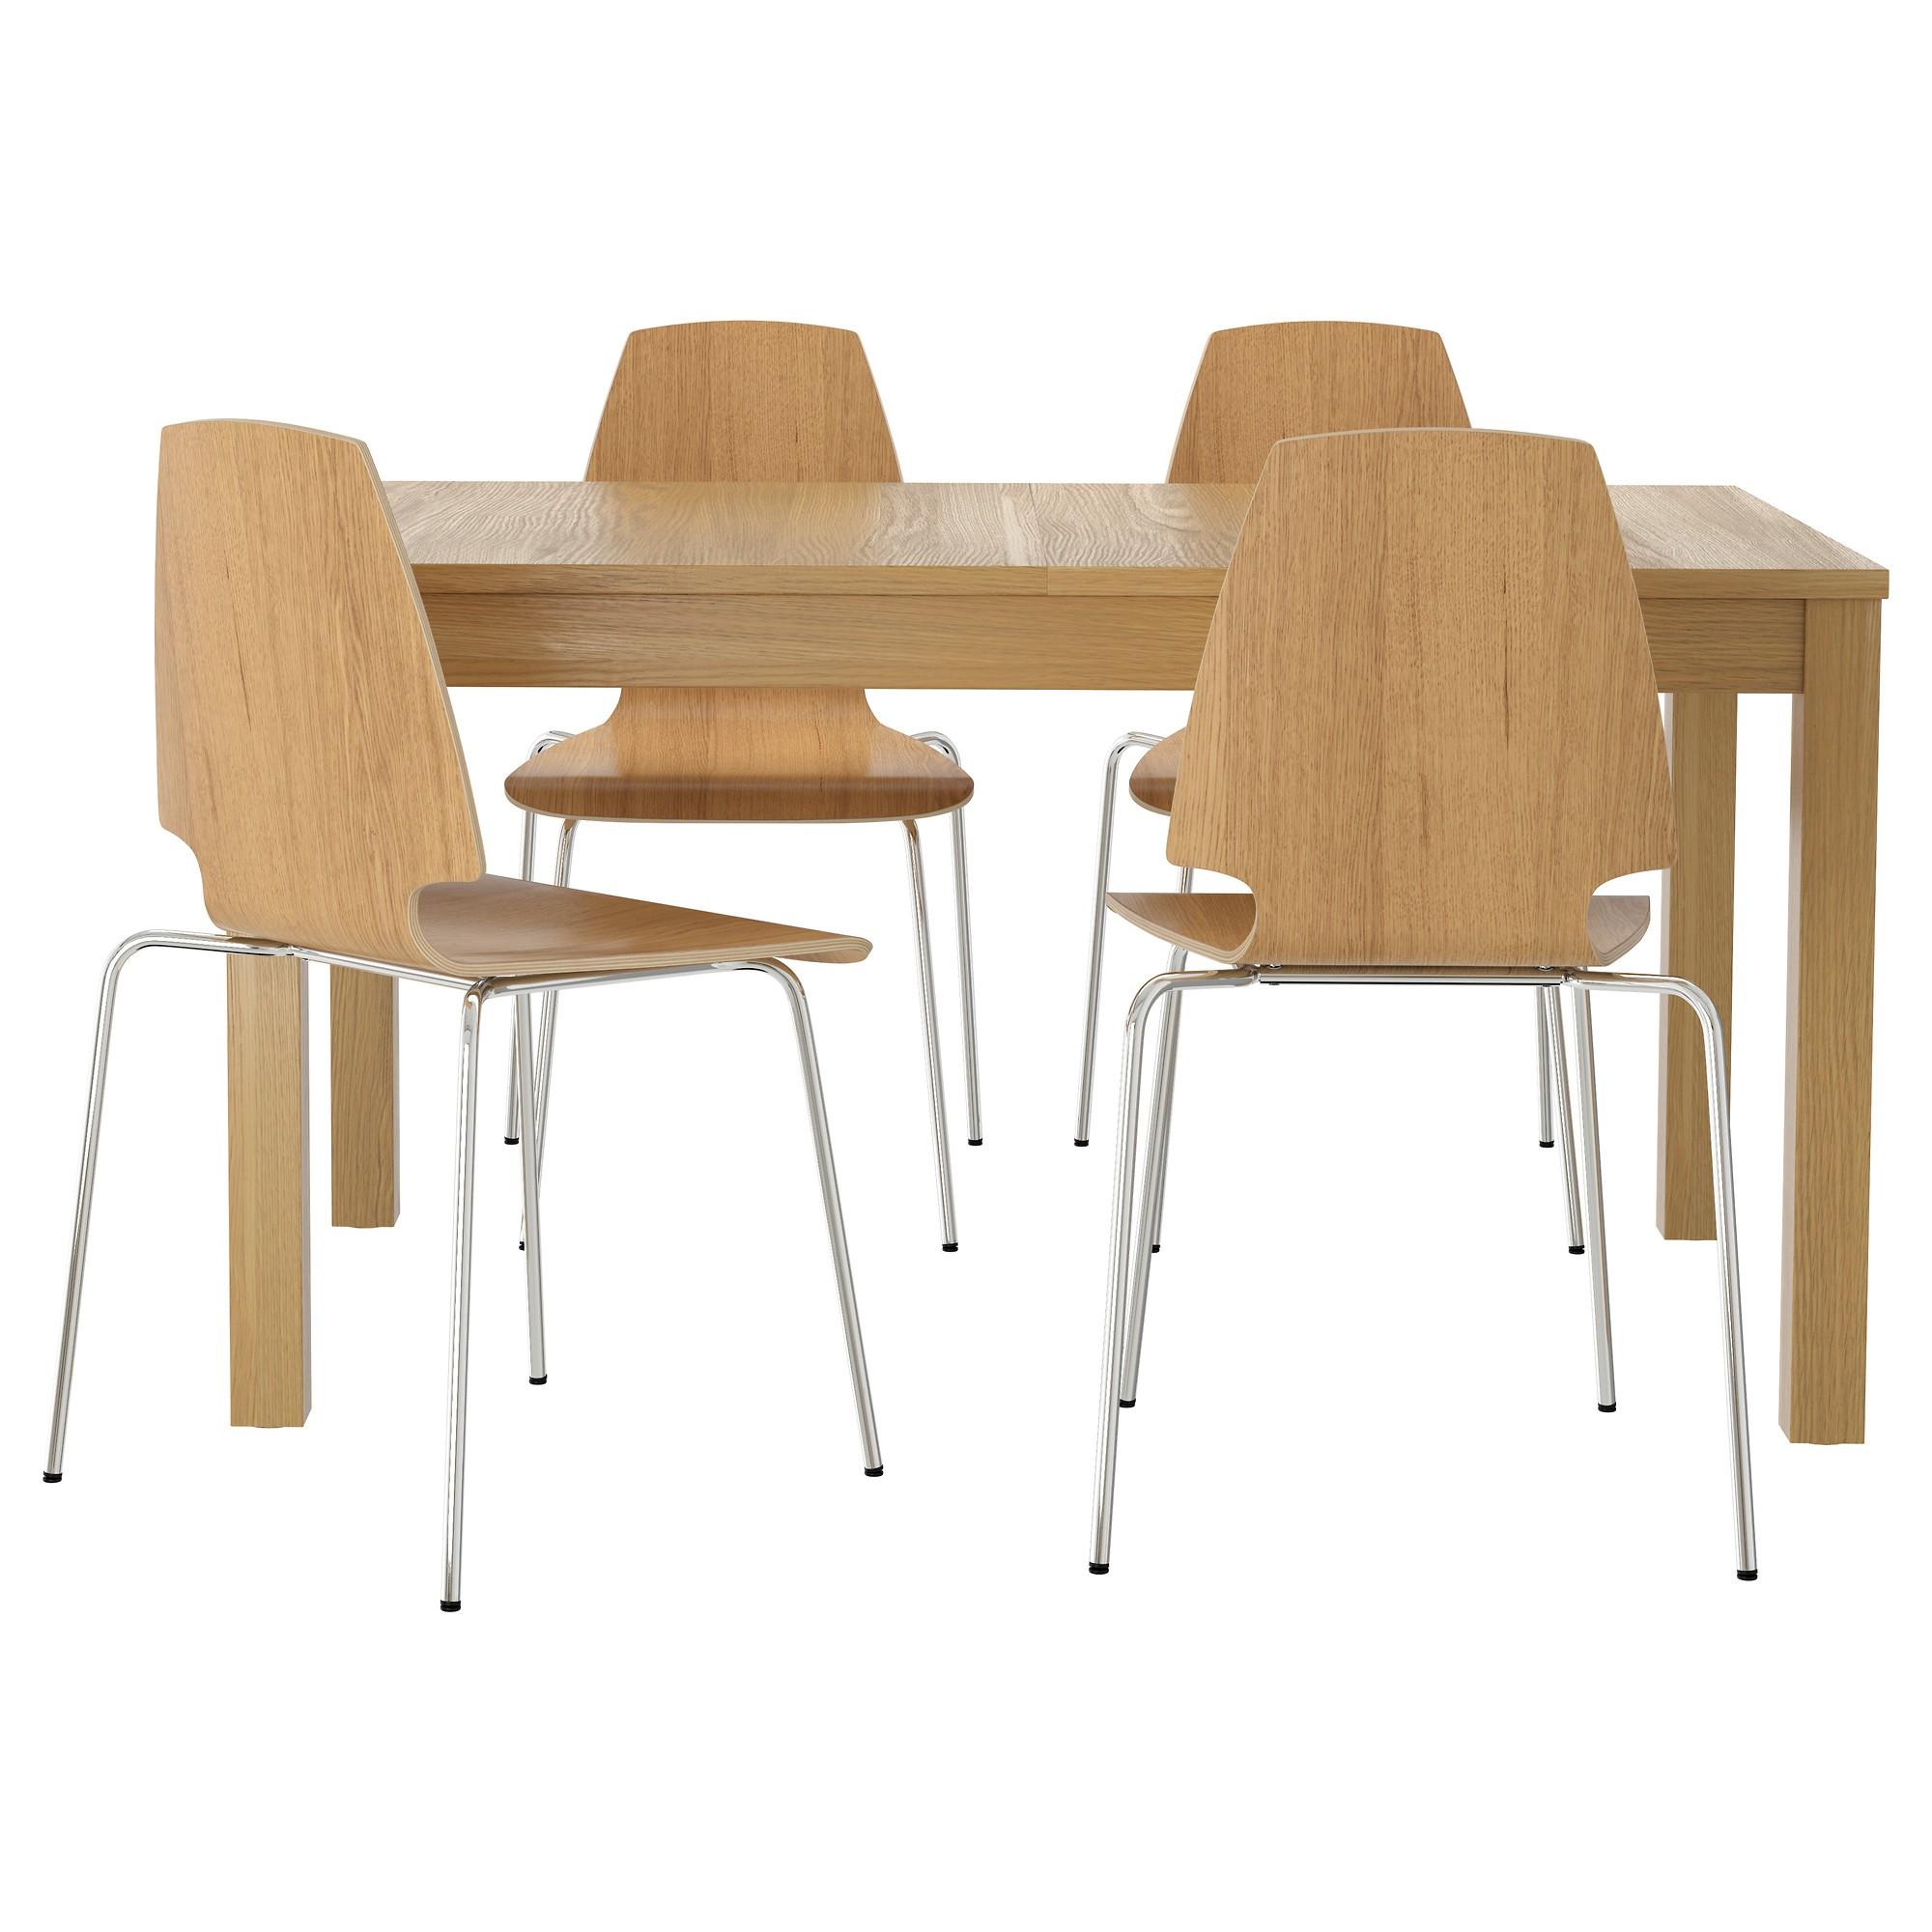 kitchen-chairs-ikea-photo-10